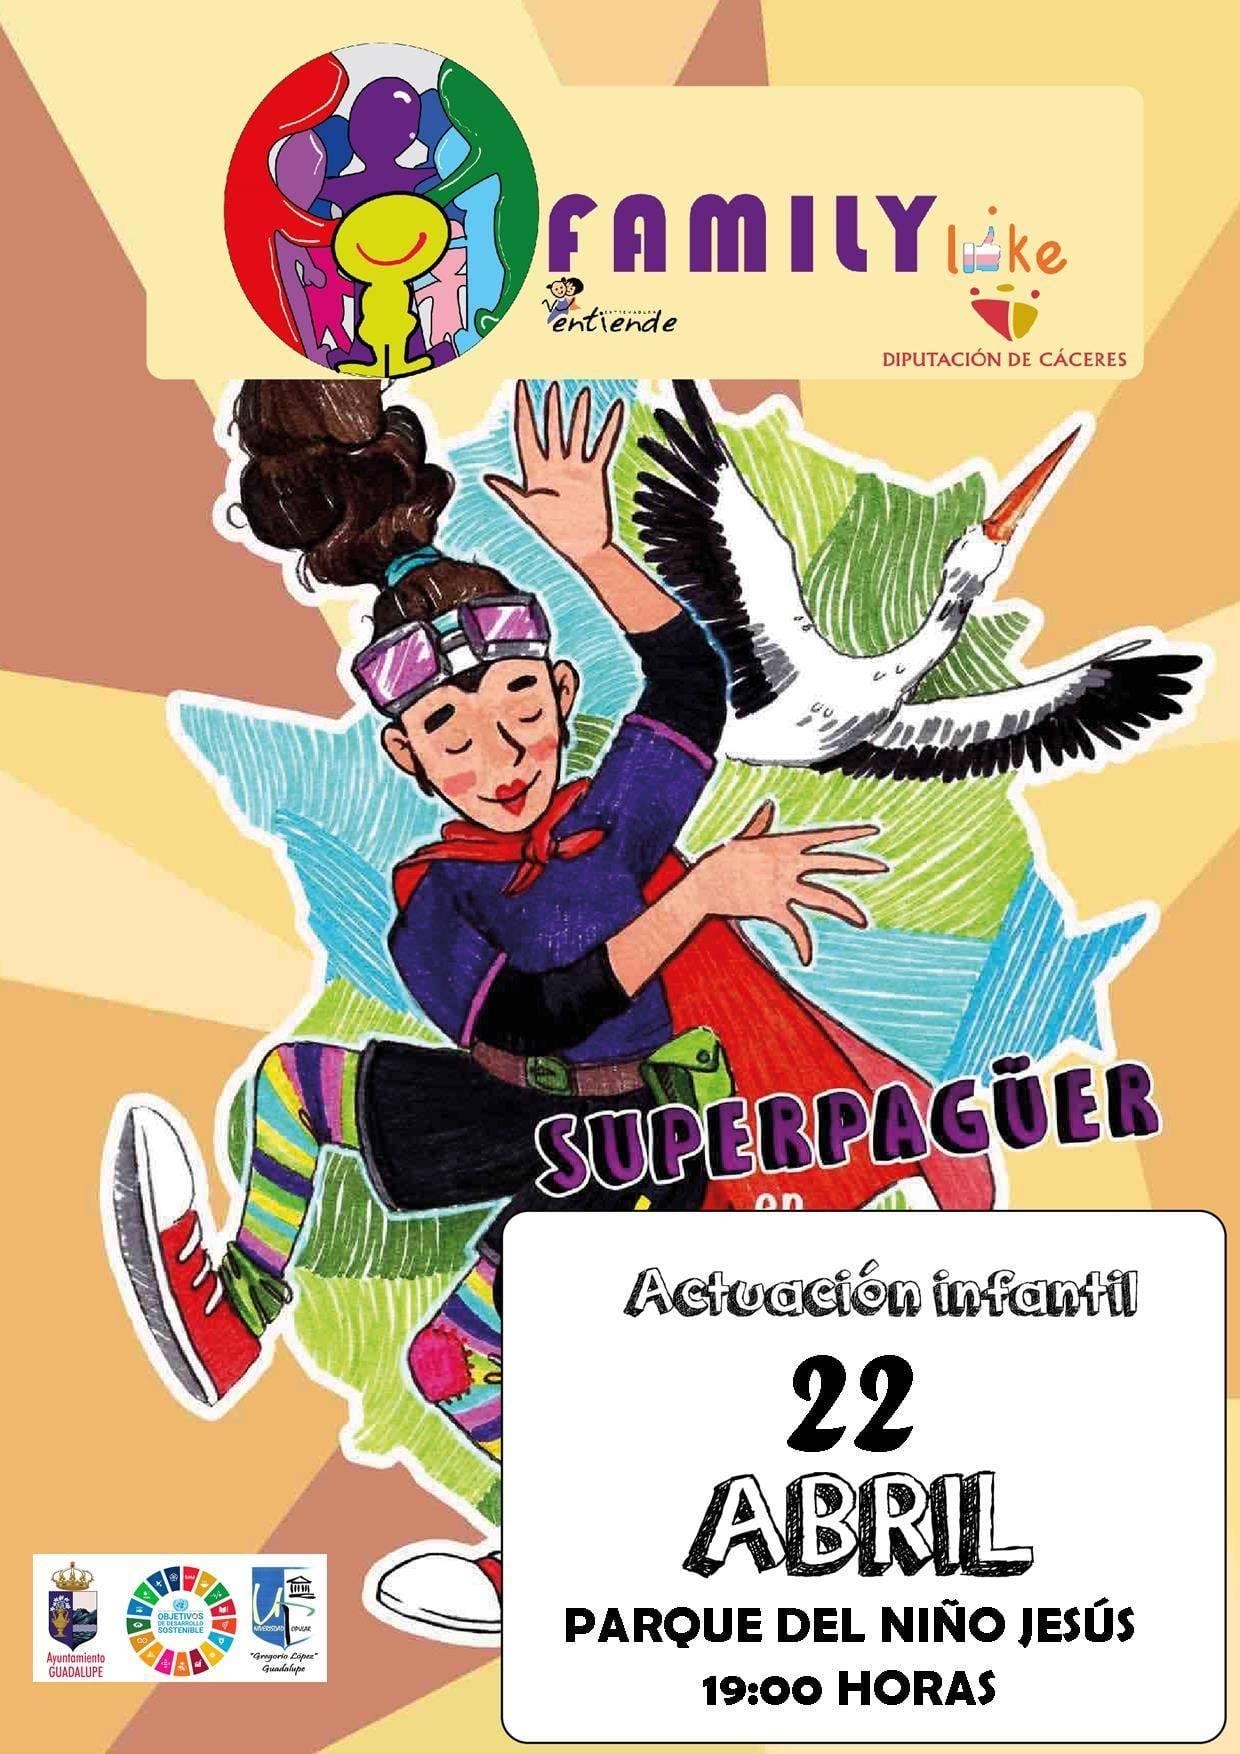 Superpagüer (2021) - Guadalupe (Cáceres)